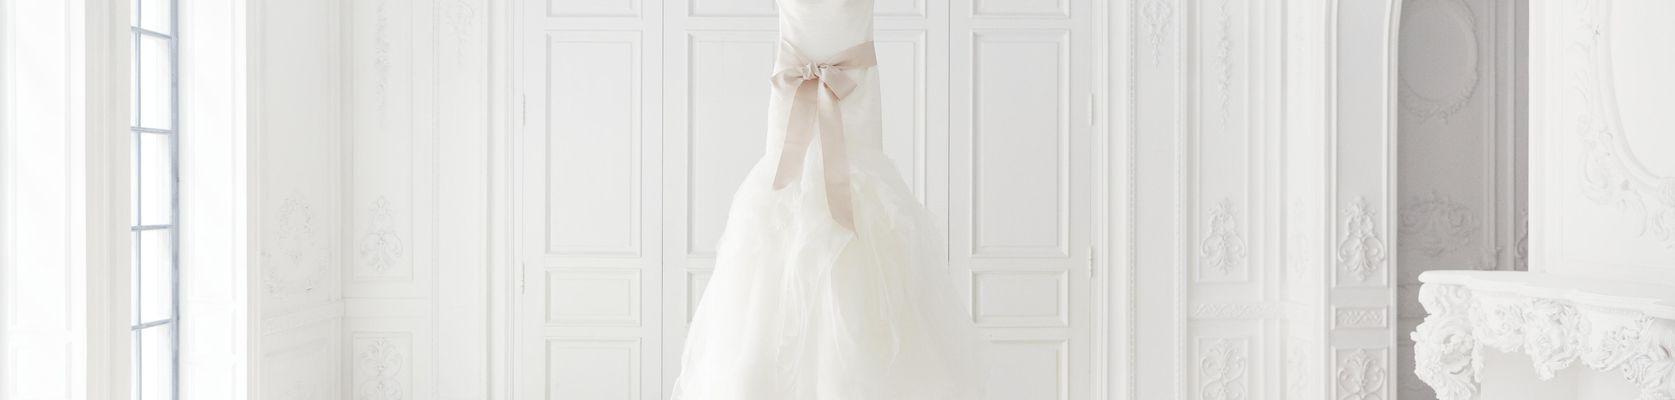 Hochzeitskleid, Brautkleid, Kleid